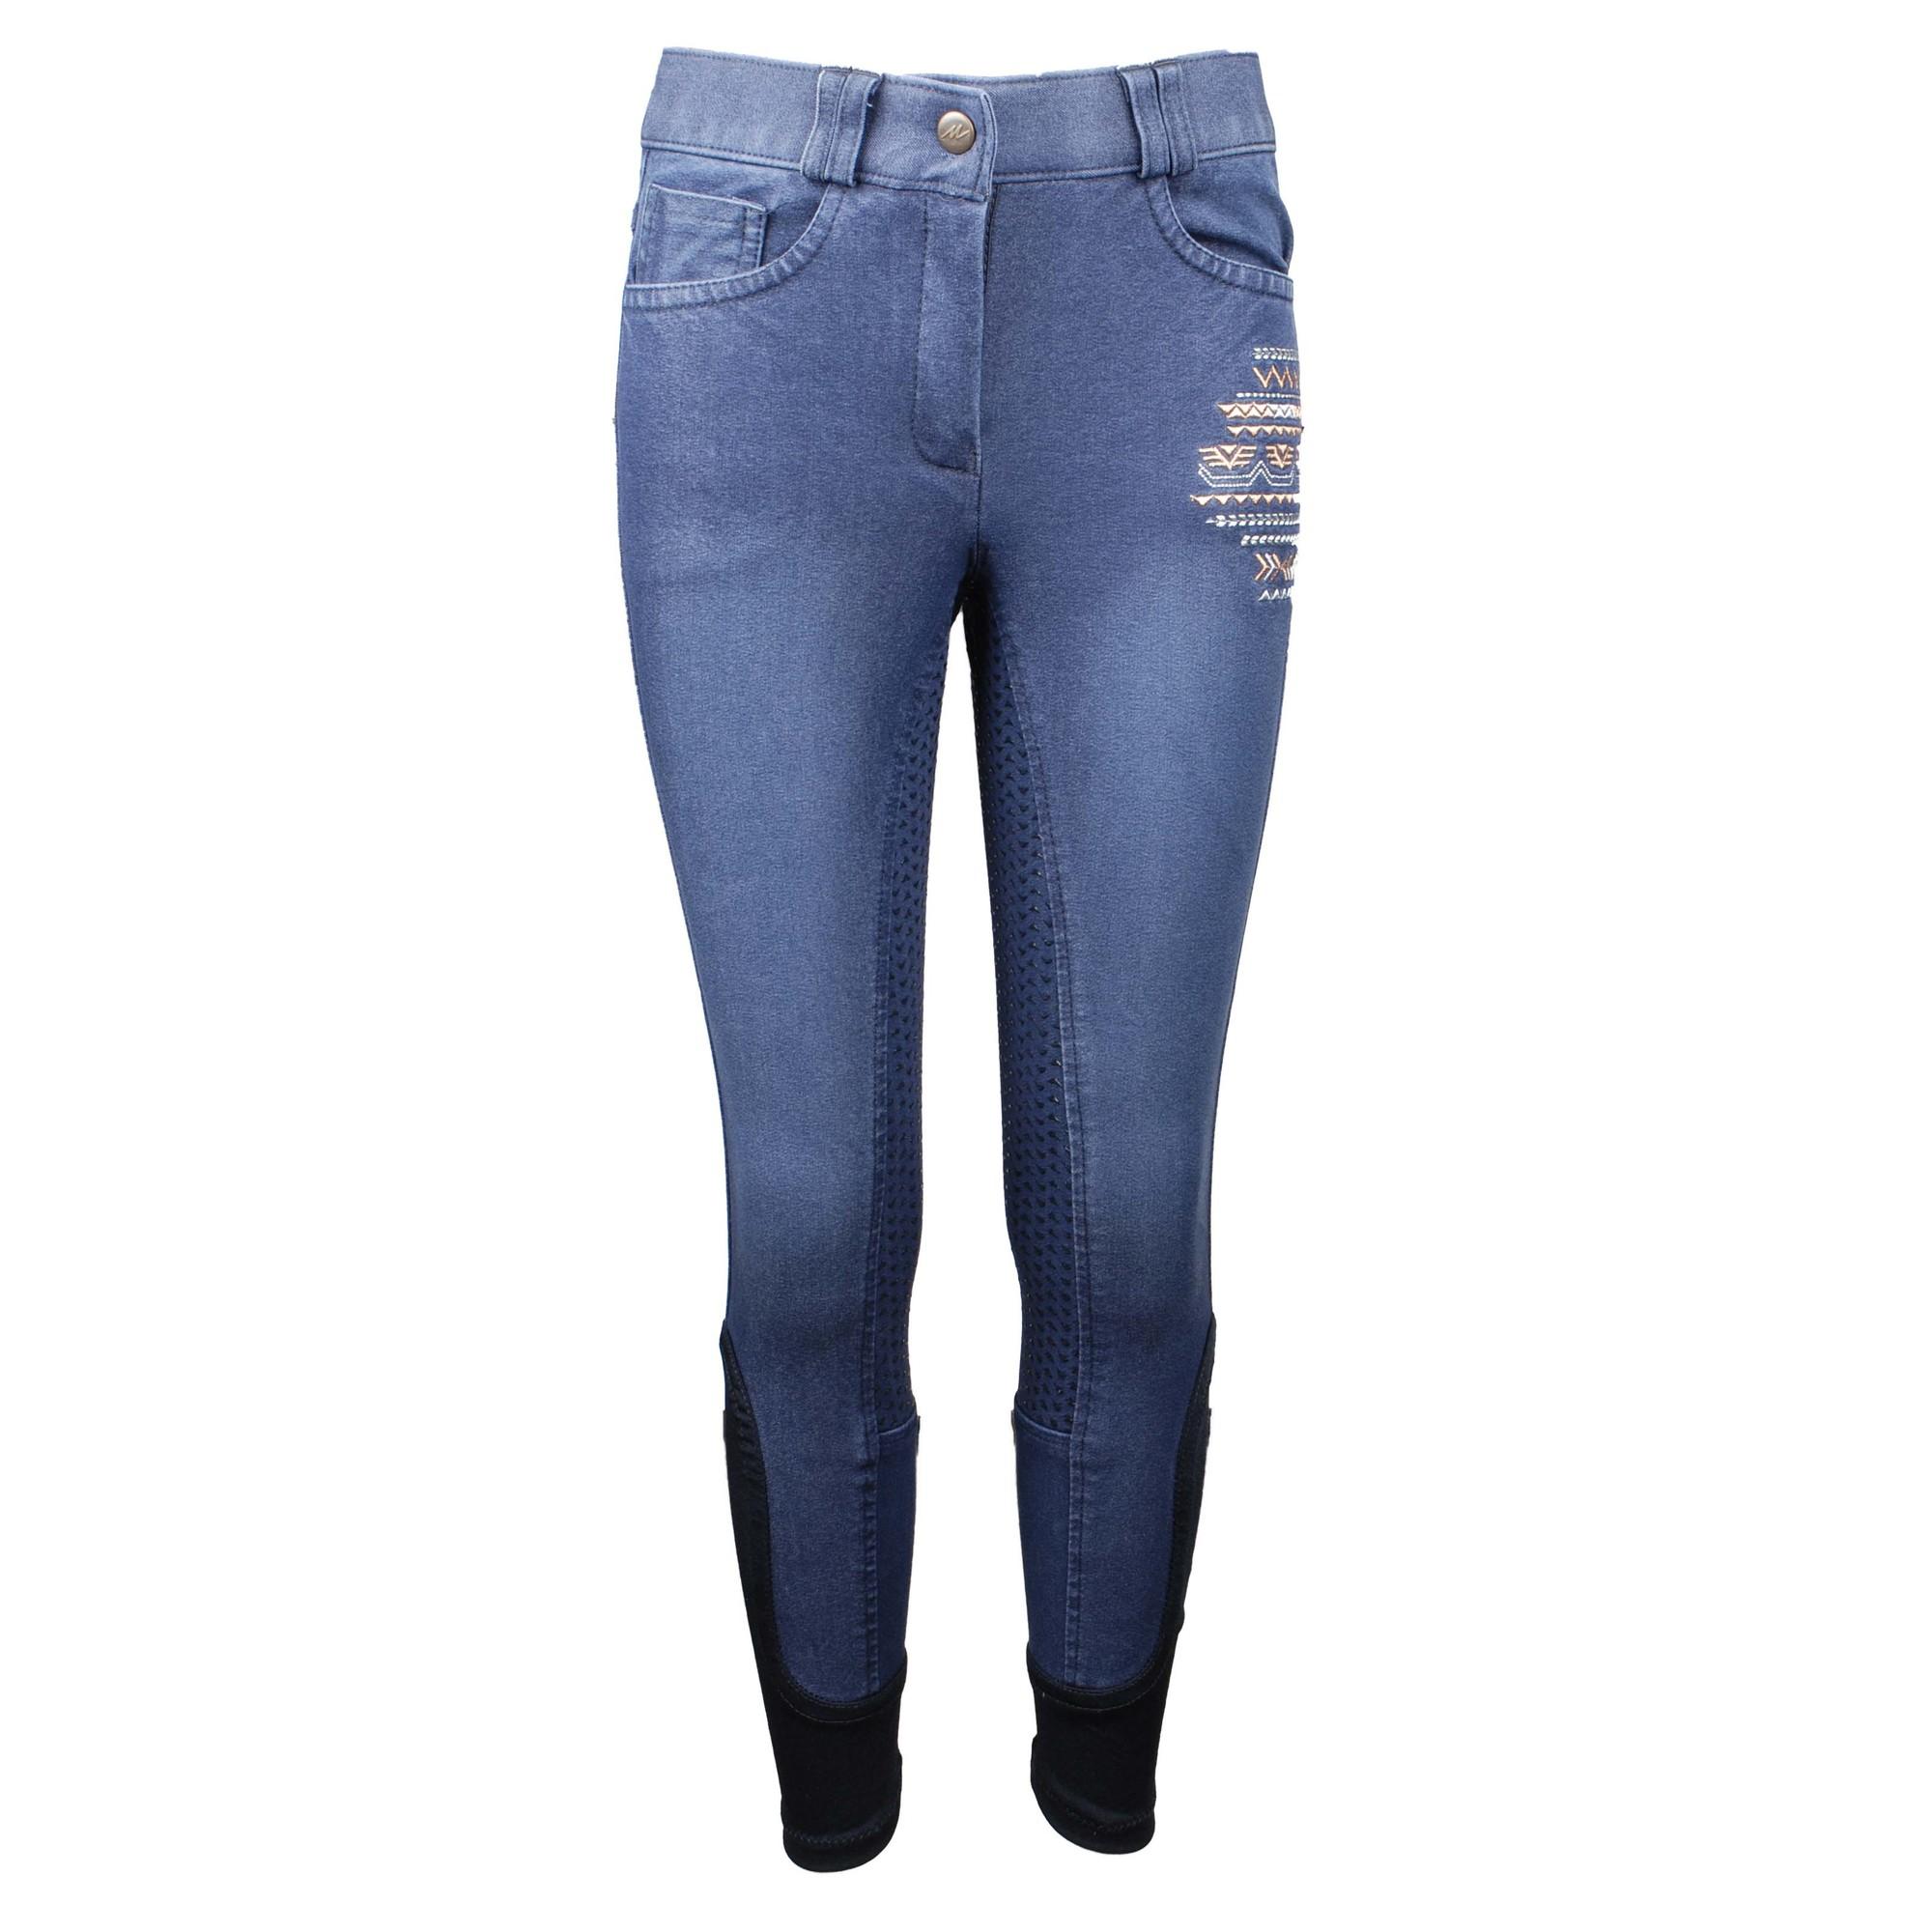 Mondoni Eivissa kinder rijbroek jeans maat:140